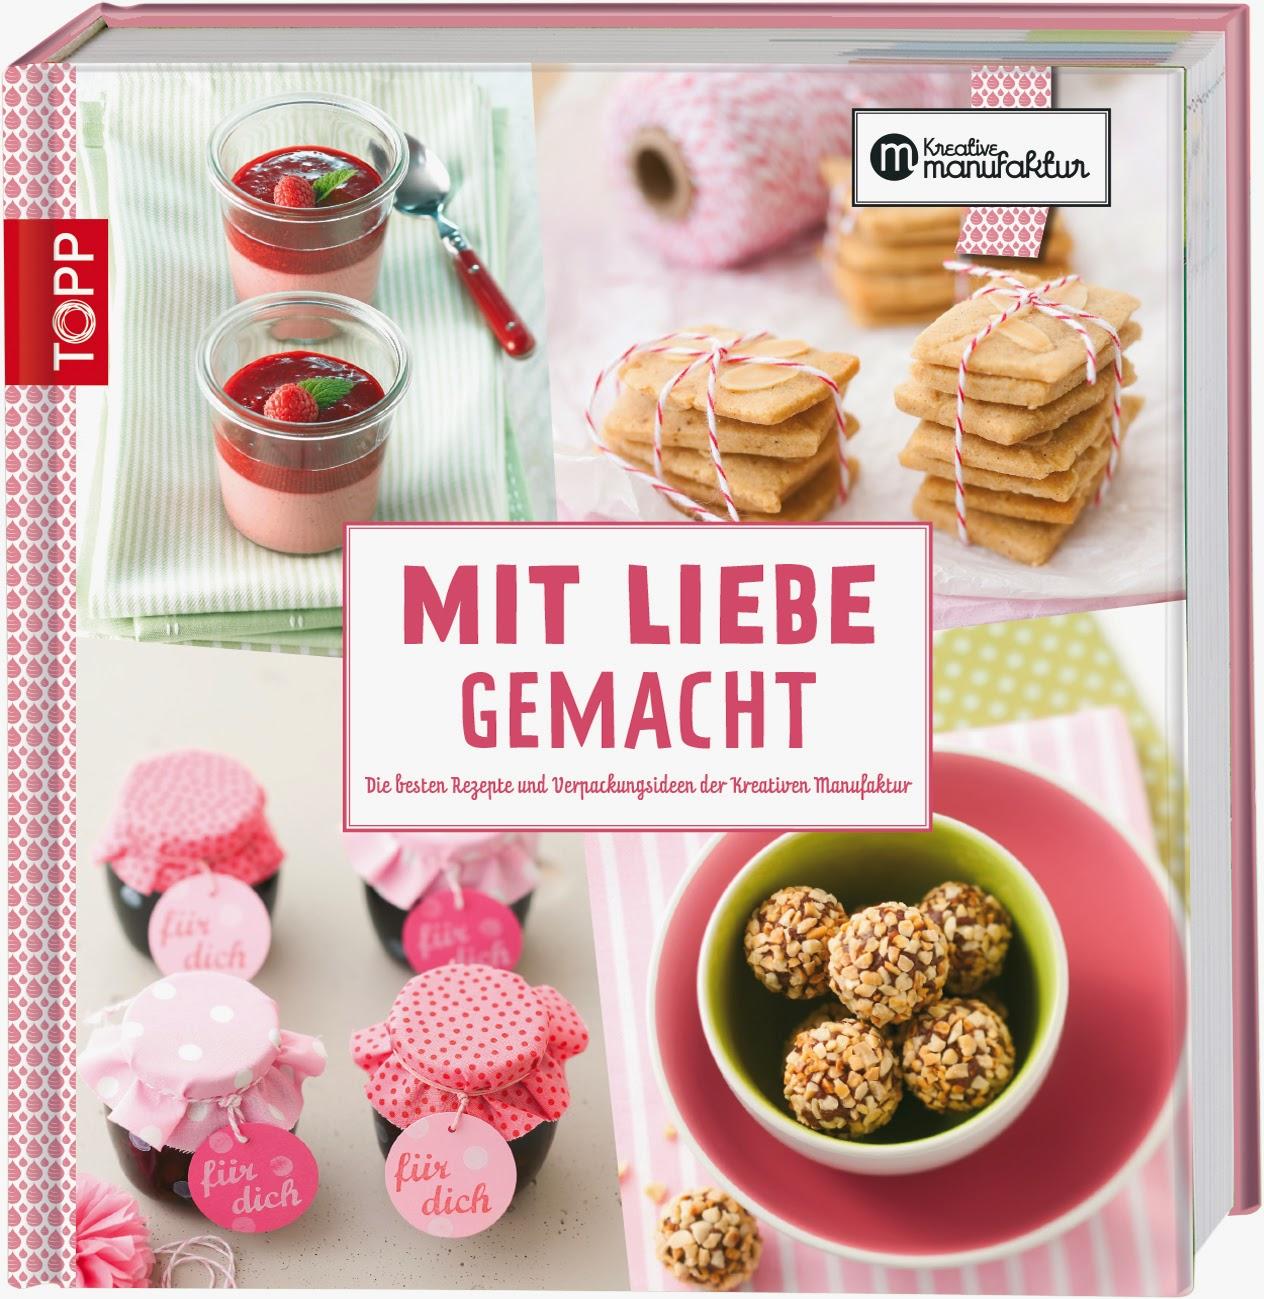 http://www.topp-kreativ.de/mit-liebe-gemacht-5917.html